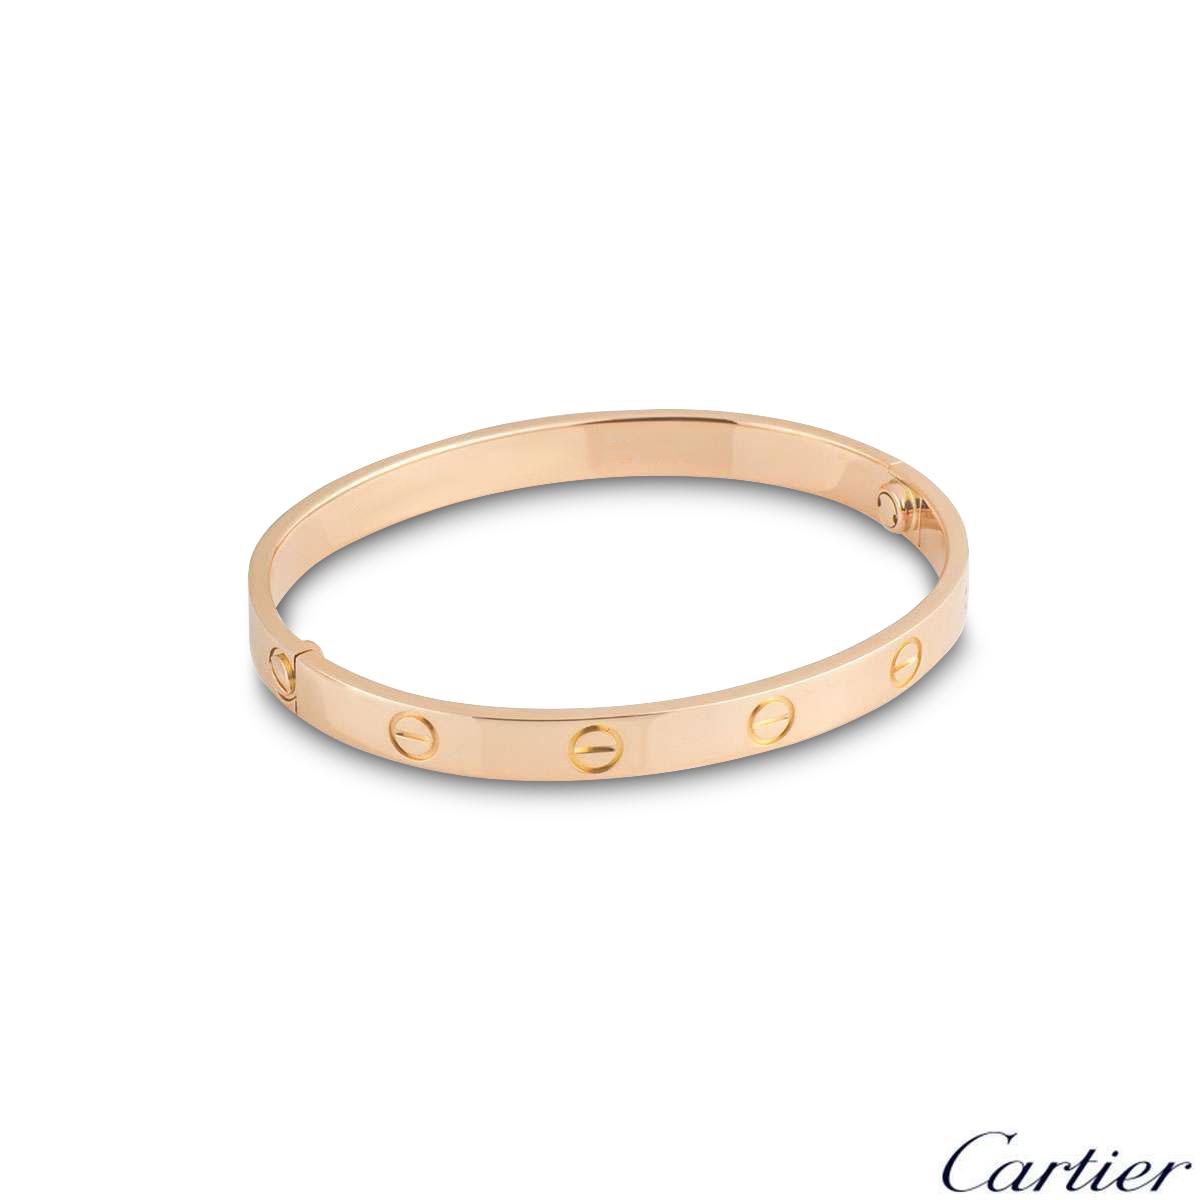 Cartier Rose Gold Plain Love Bracelet Size 18 B6095618